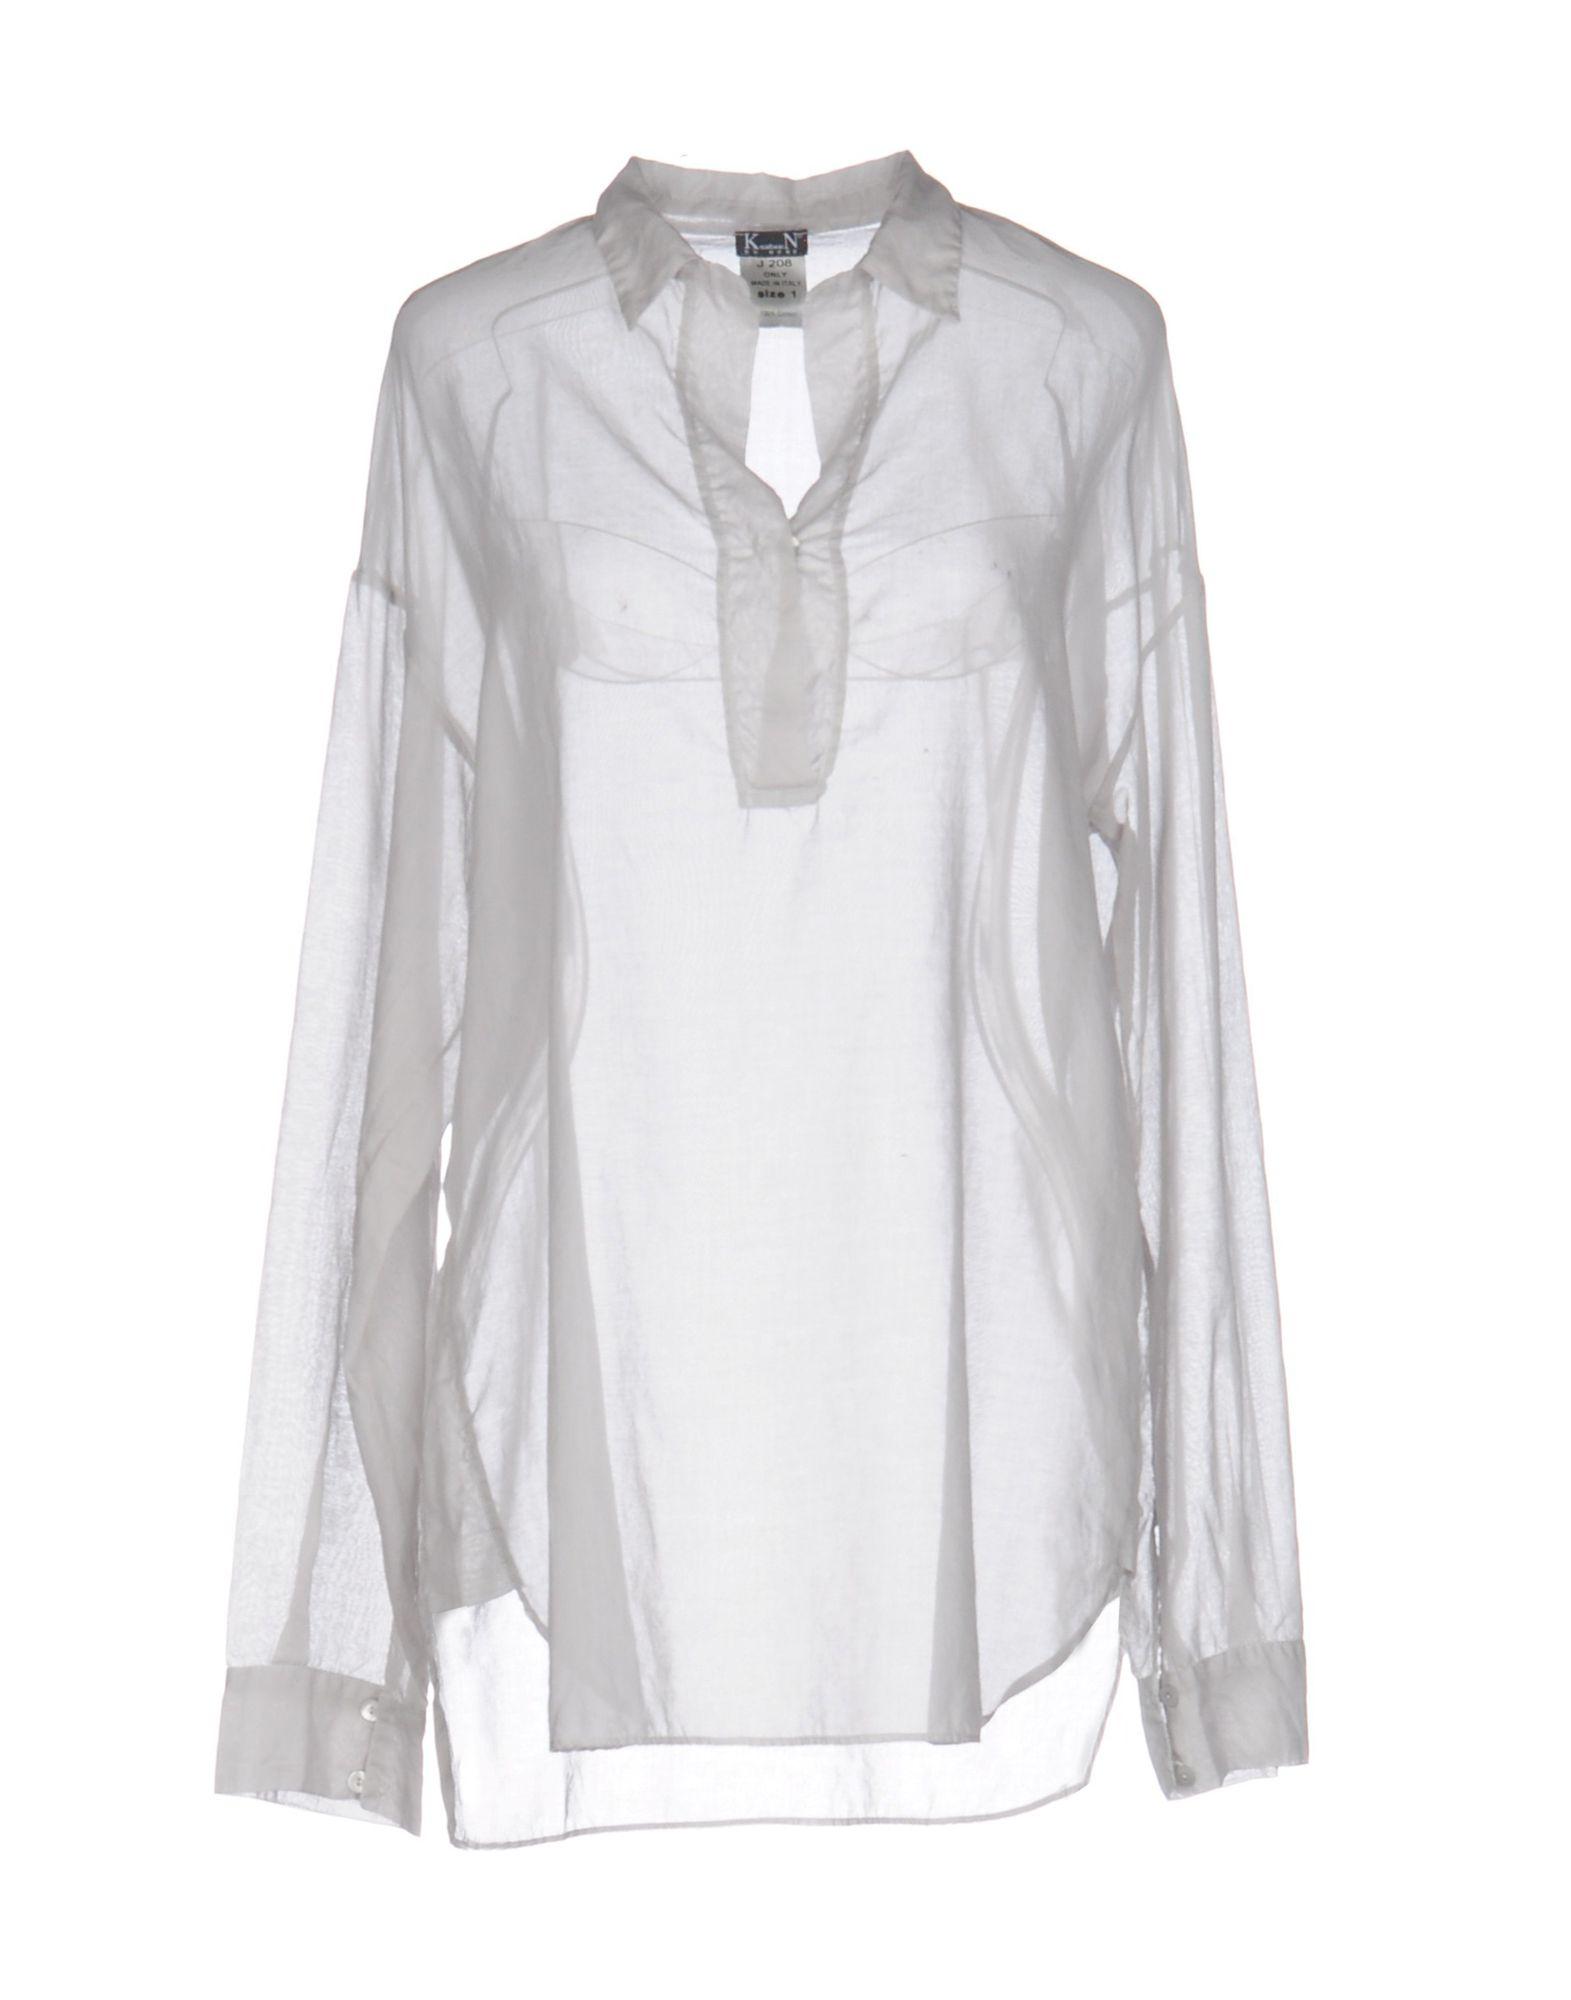 KristenseN DU NORD Damen Bluse Farbe Hellgrau Größe 1 jetztbilligerkaufen